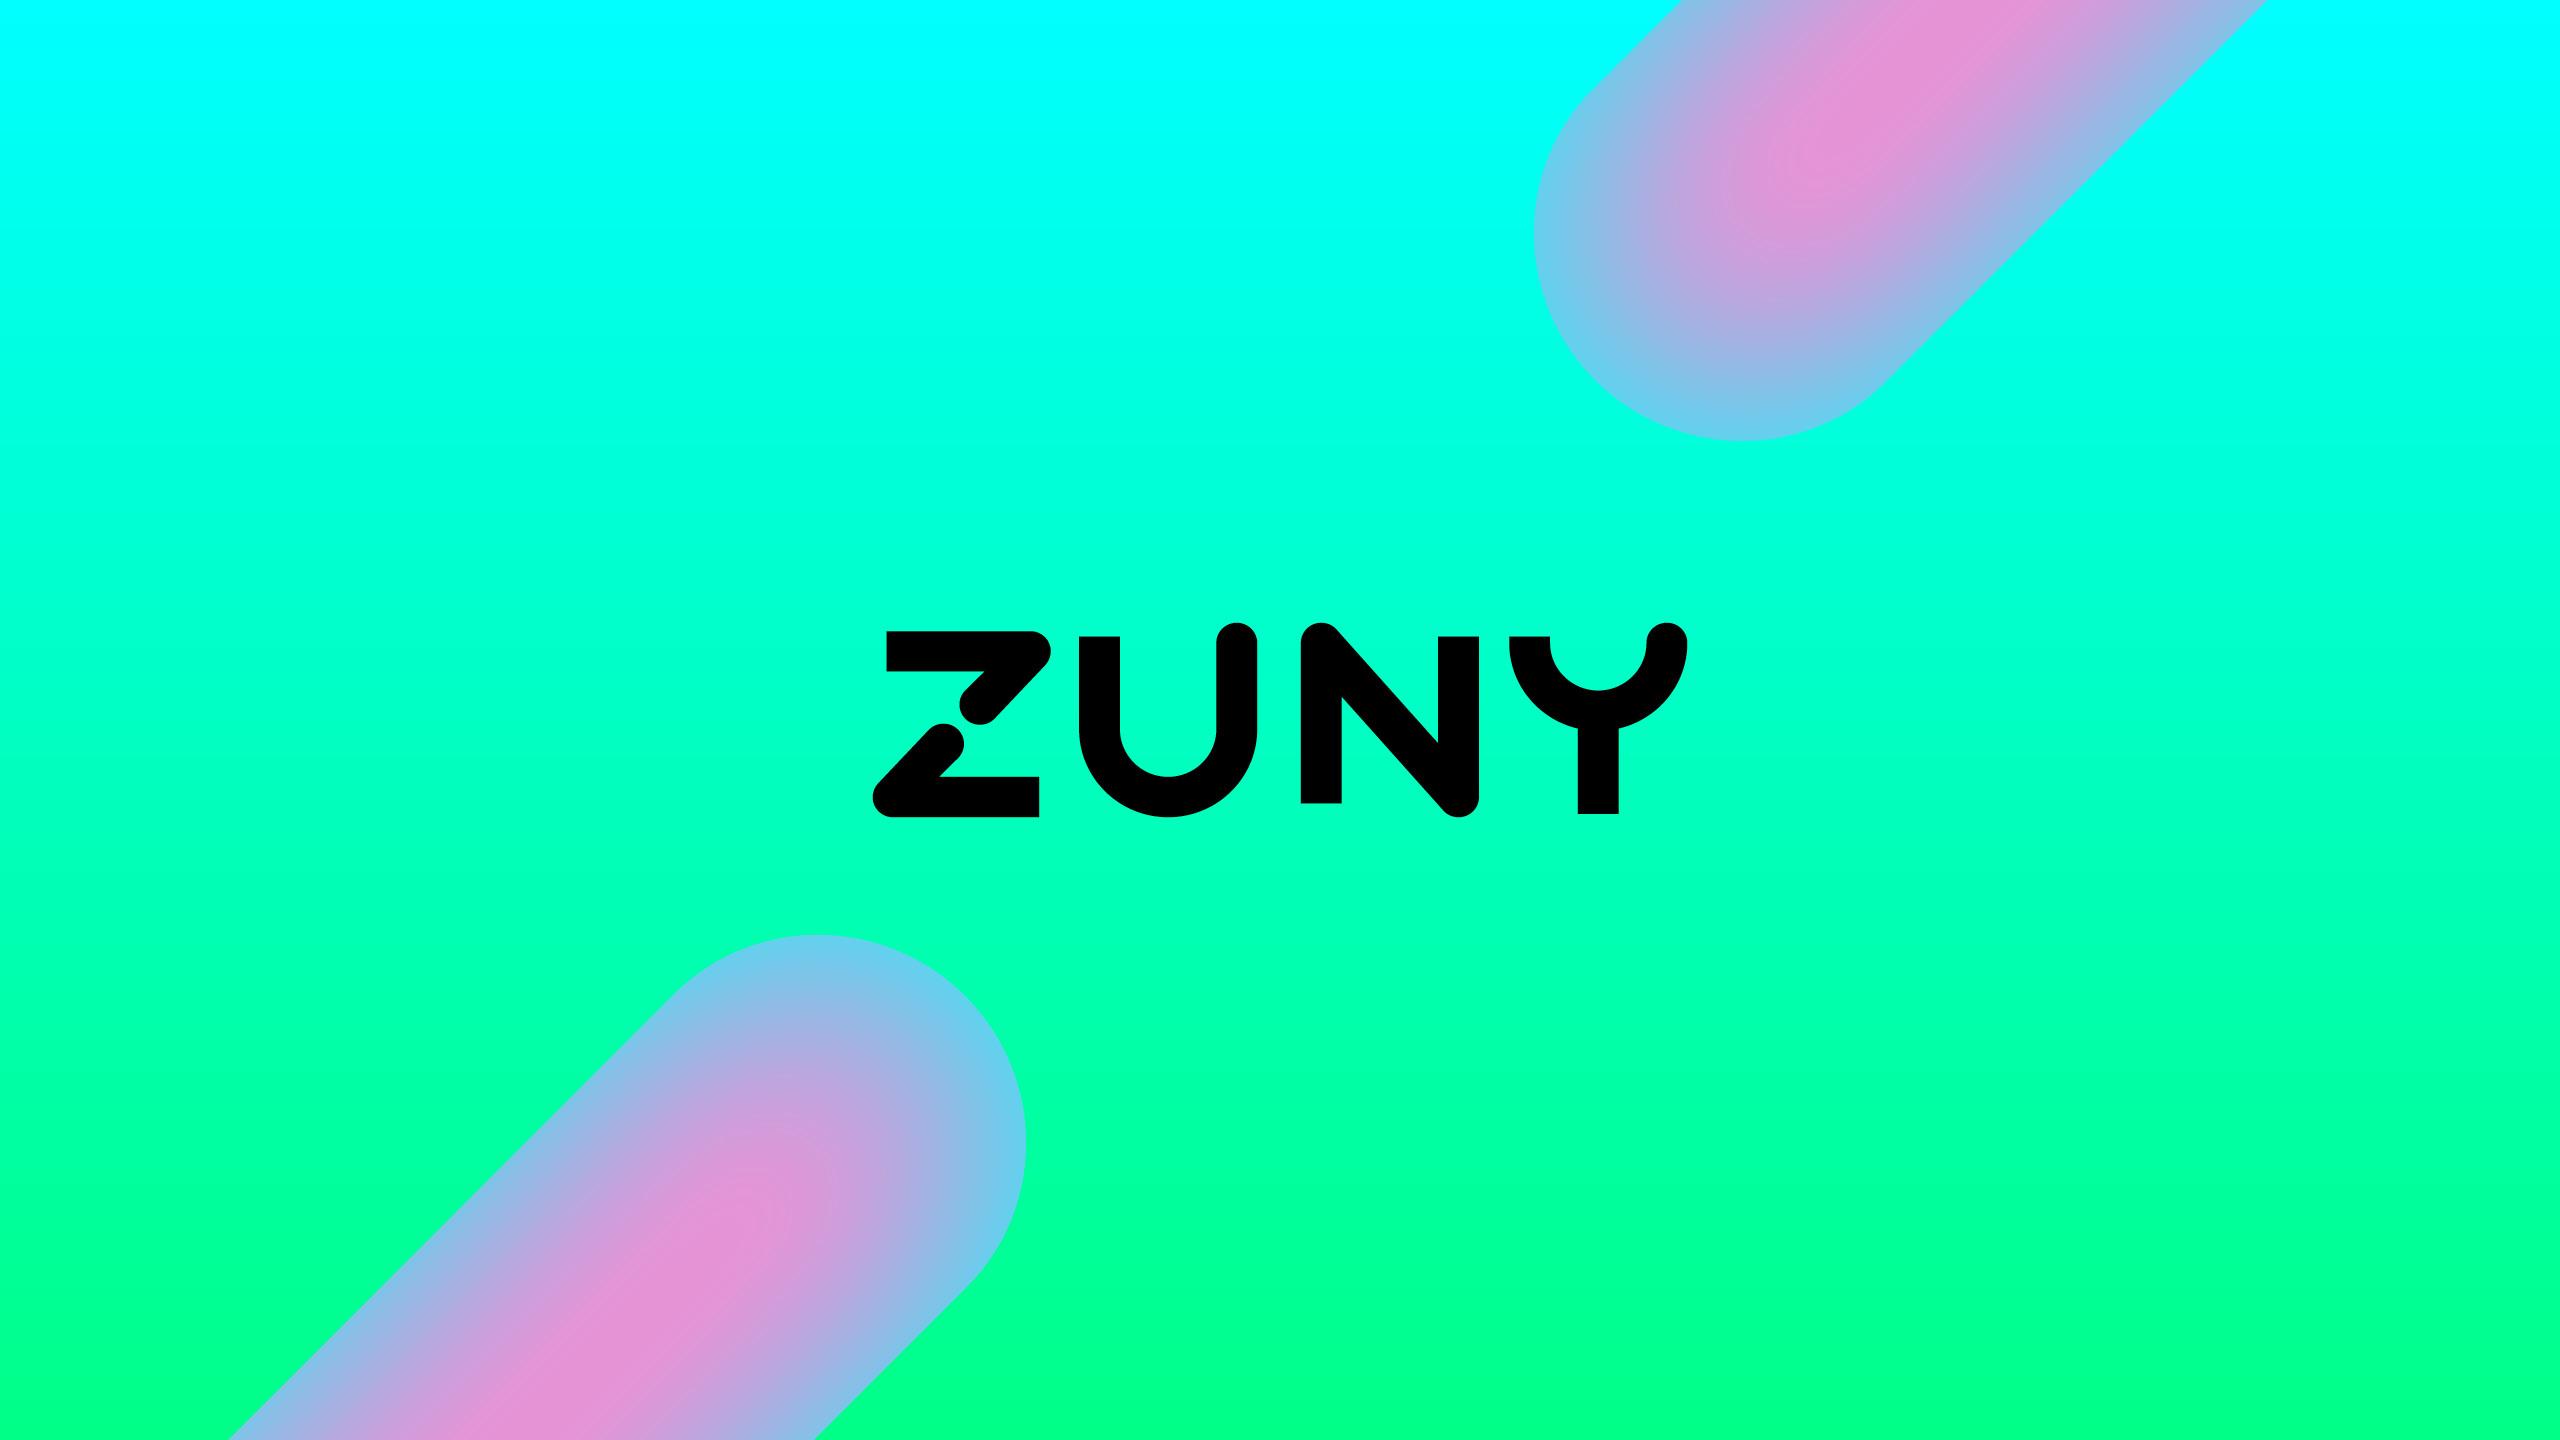 ZUNY-2b-identity